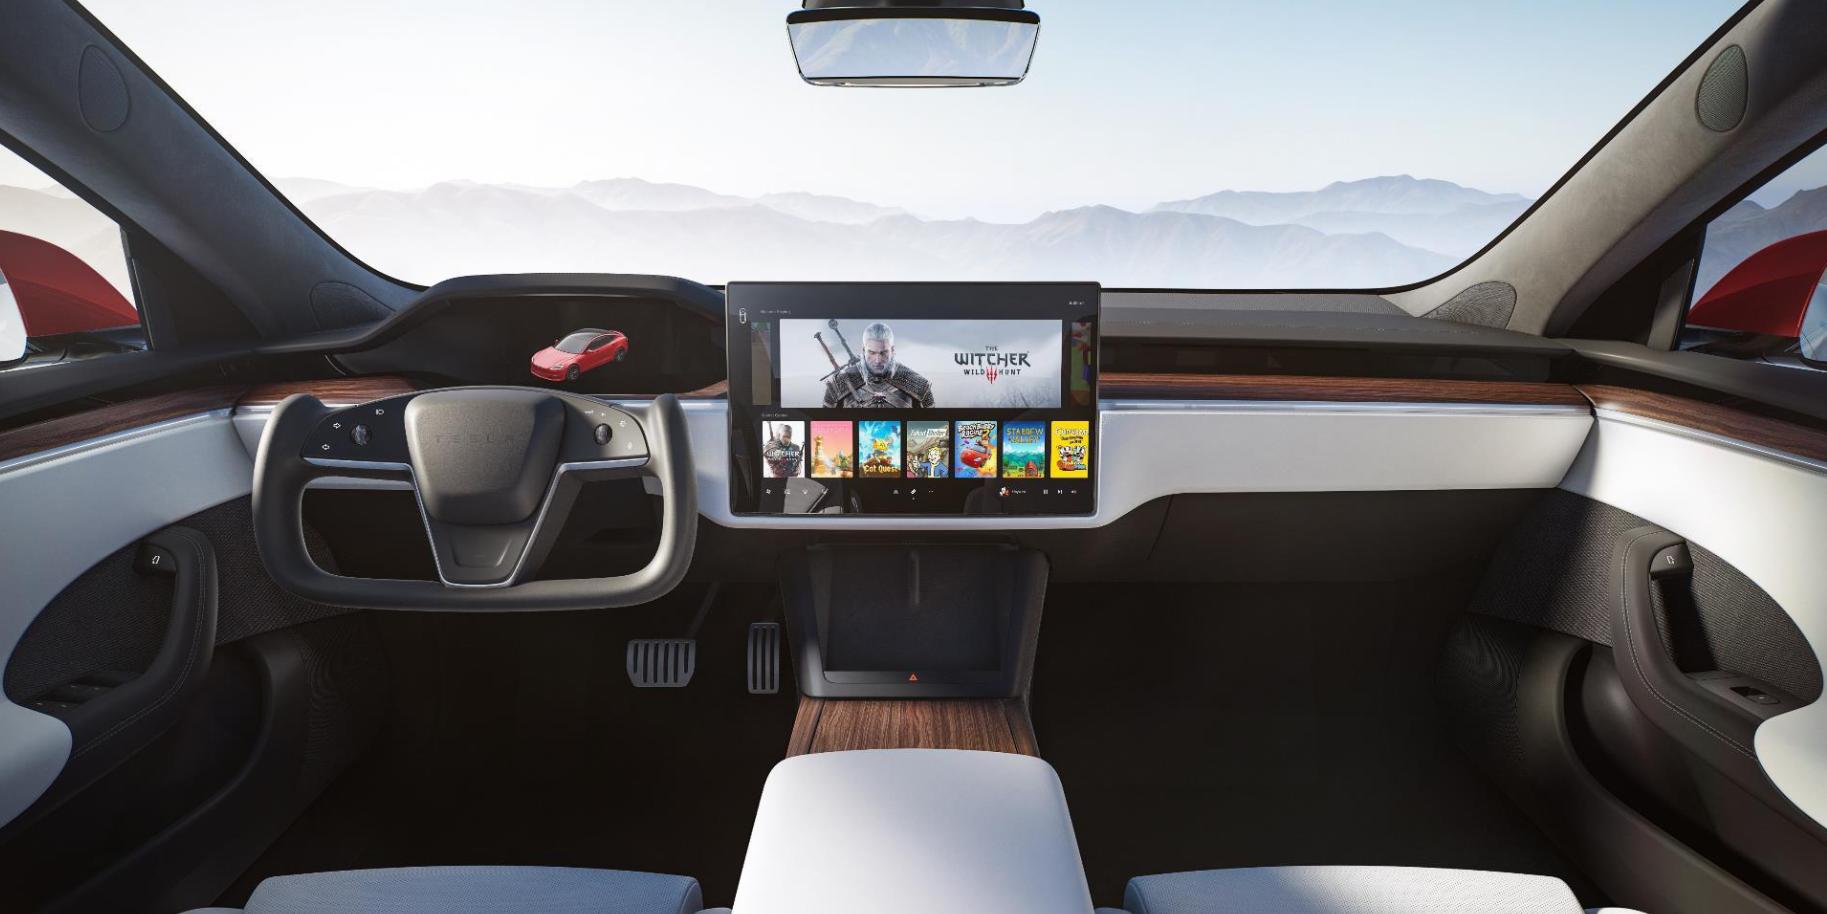 Nye Tesla Model S med styrestikke i stedet for ratt.